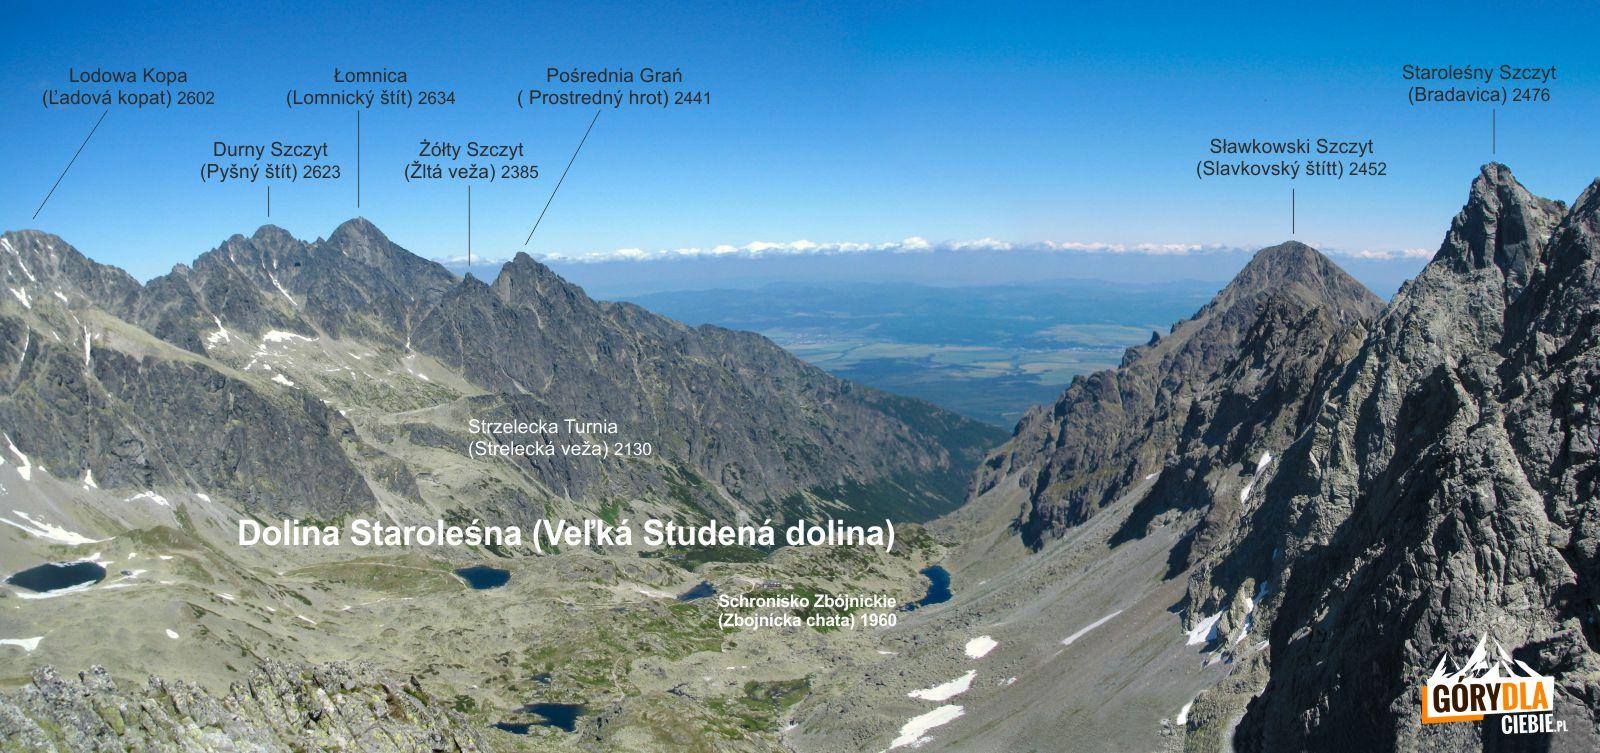 Mała Wysoka - panorama Doliny Staroleśnej